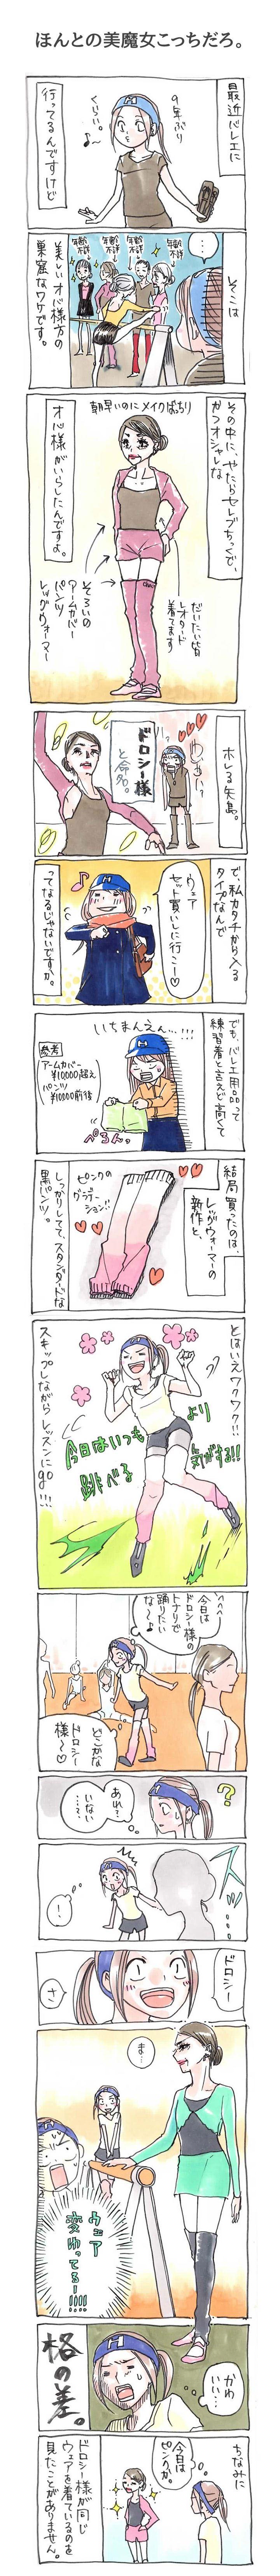 yajima_002_R